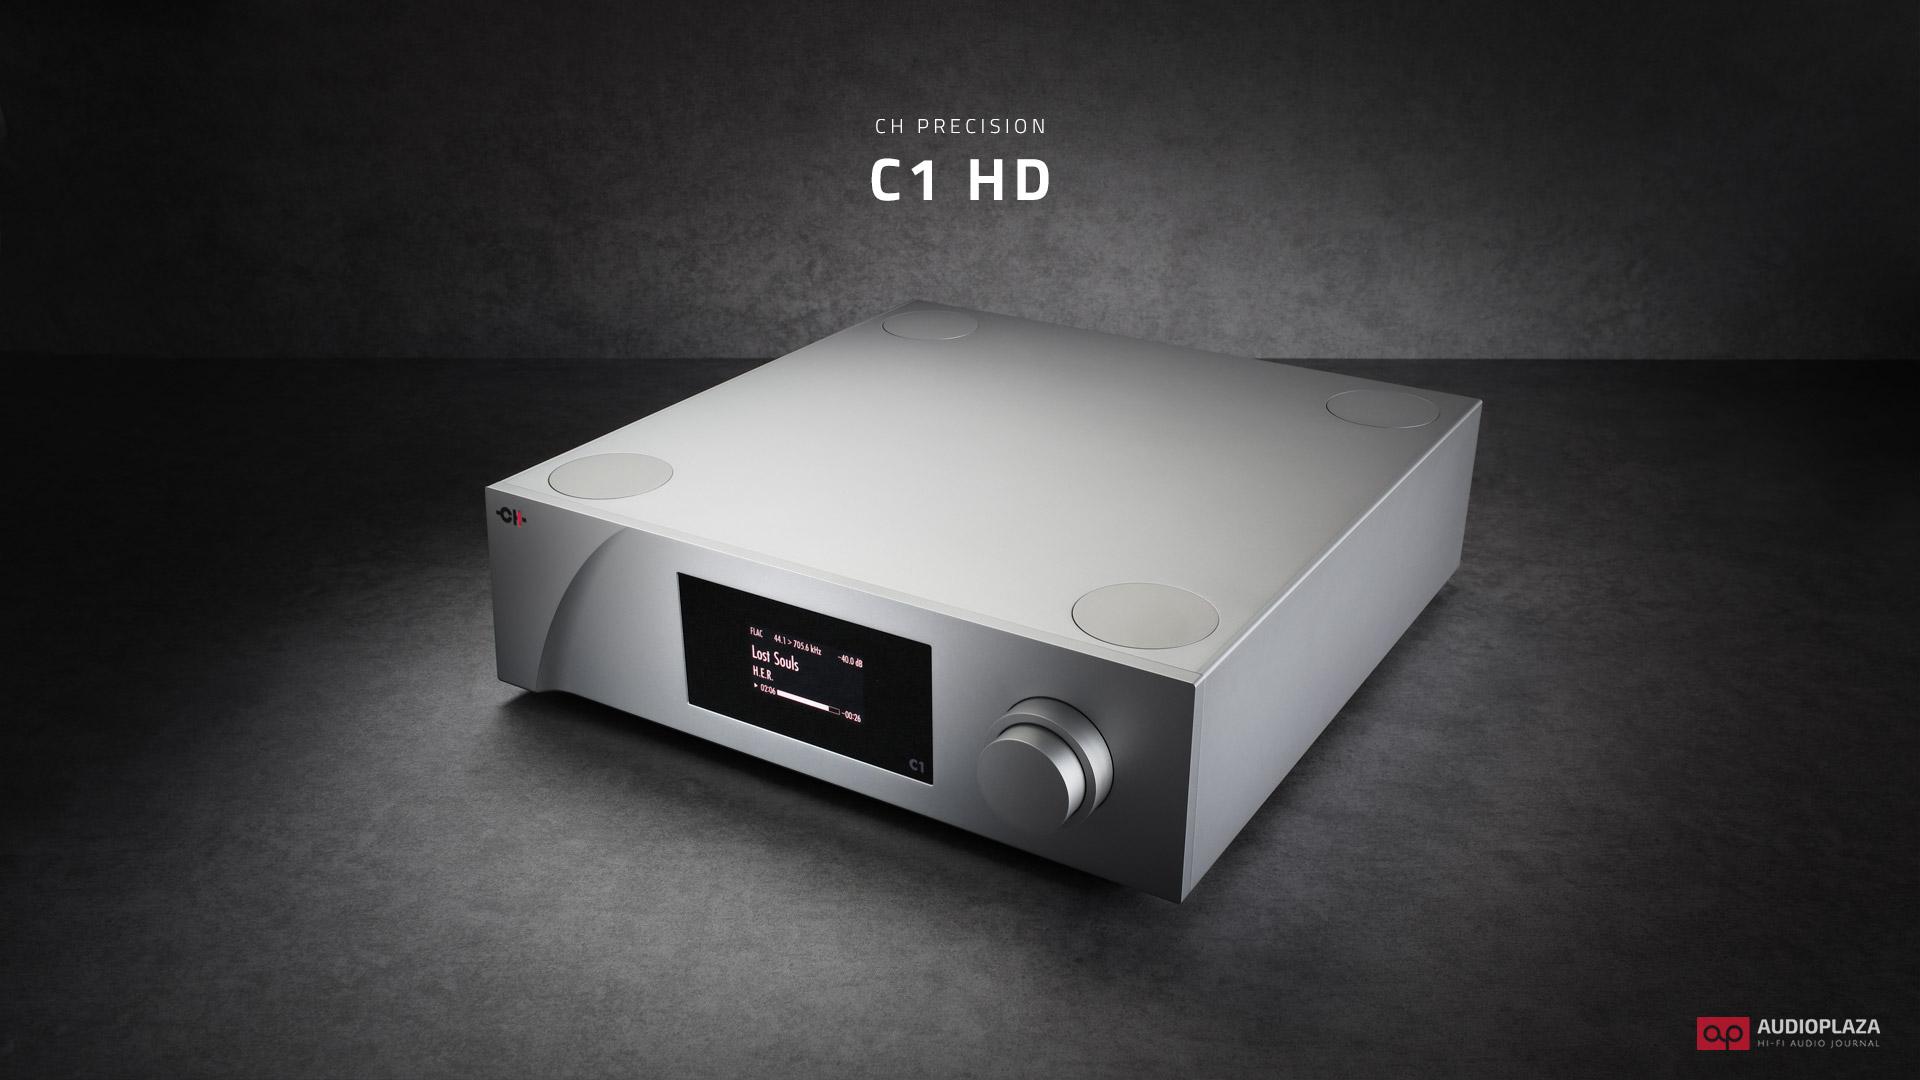 CH프리시전 C1 HD